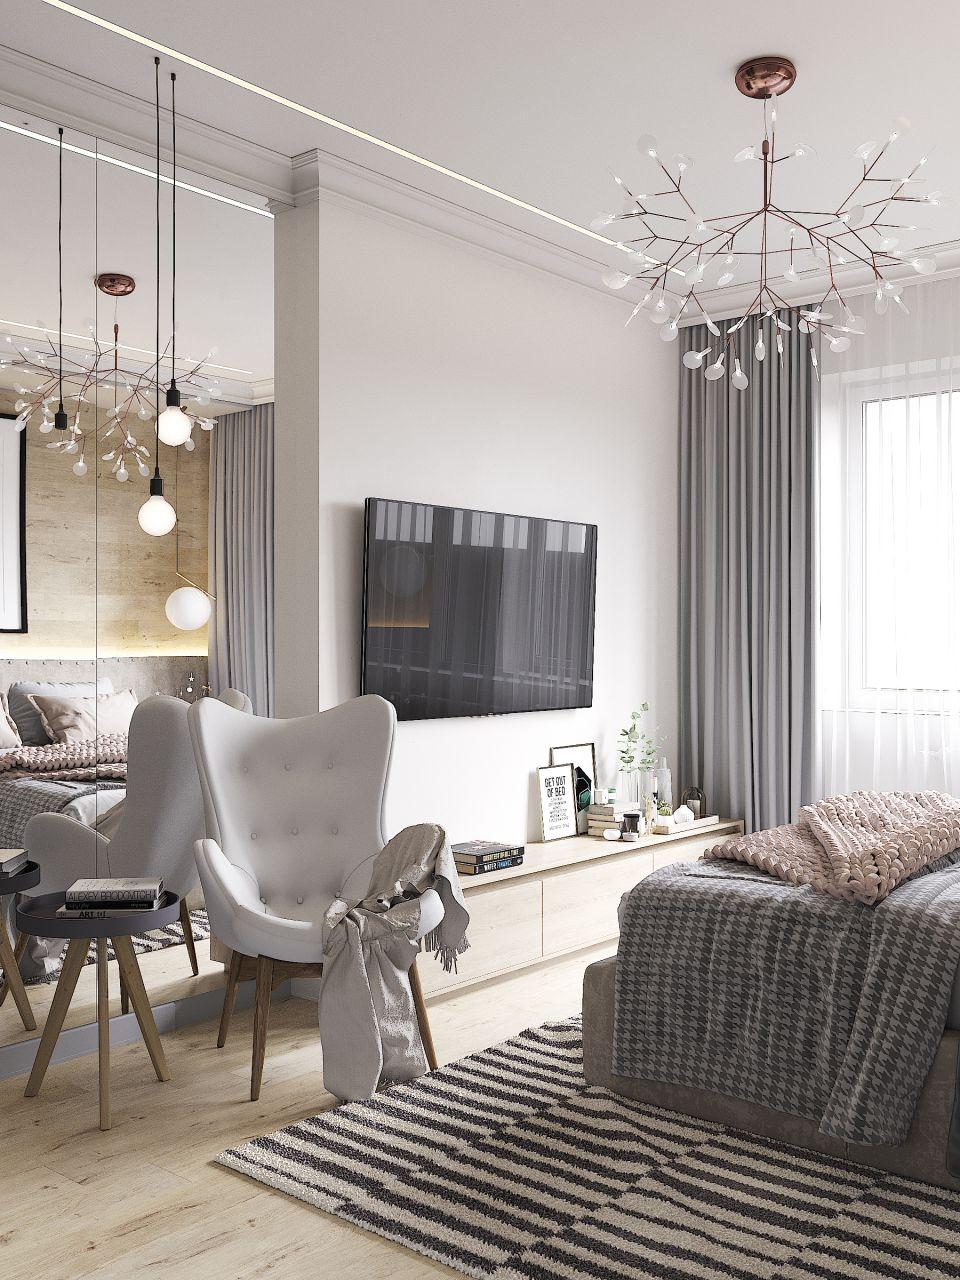 планировка двухкомнатной квартиры для семьи с ребенком